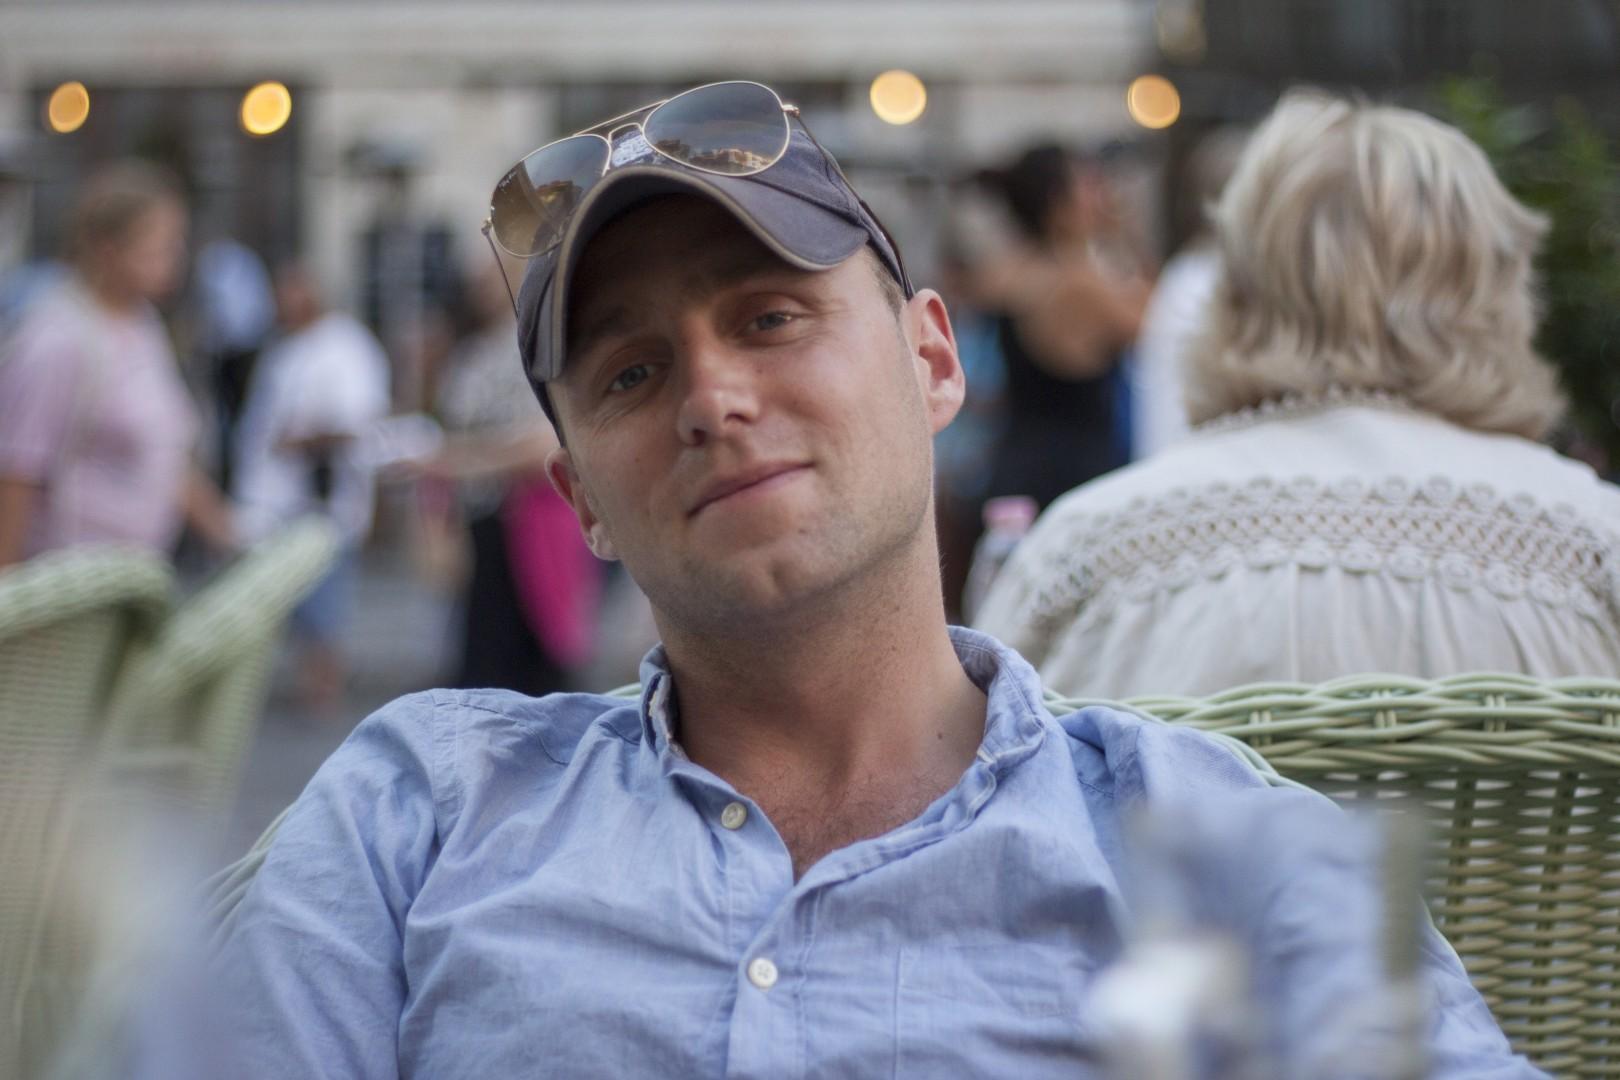 Afghan Dan my afghan veteran boyfriend lost his battle with depression